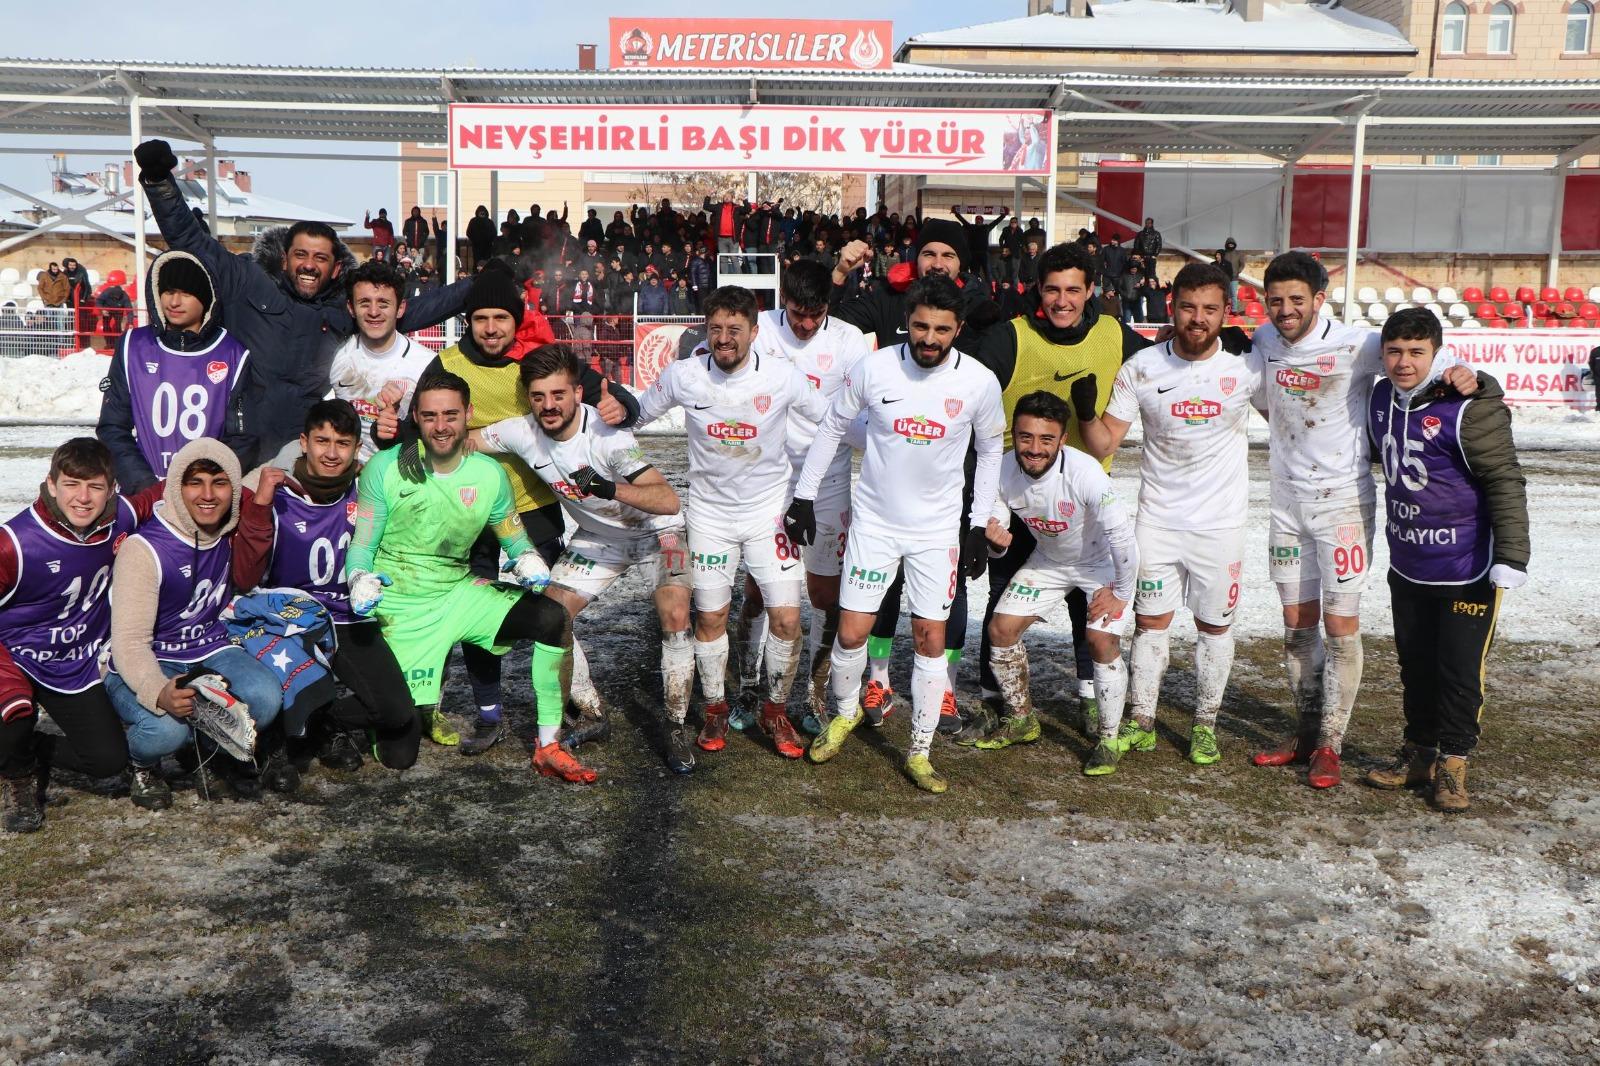 Nevşehir Belediye Spor hedefe adım adım yürüyor